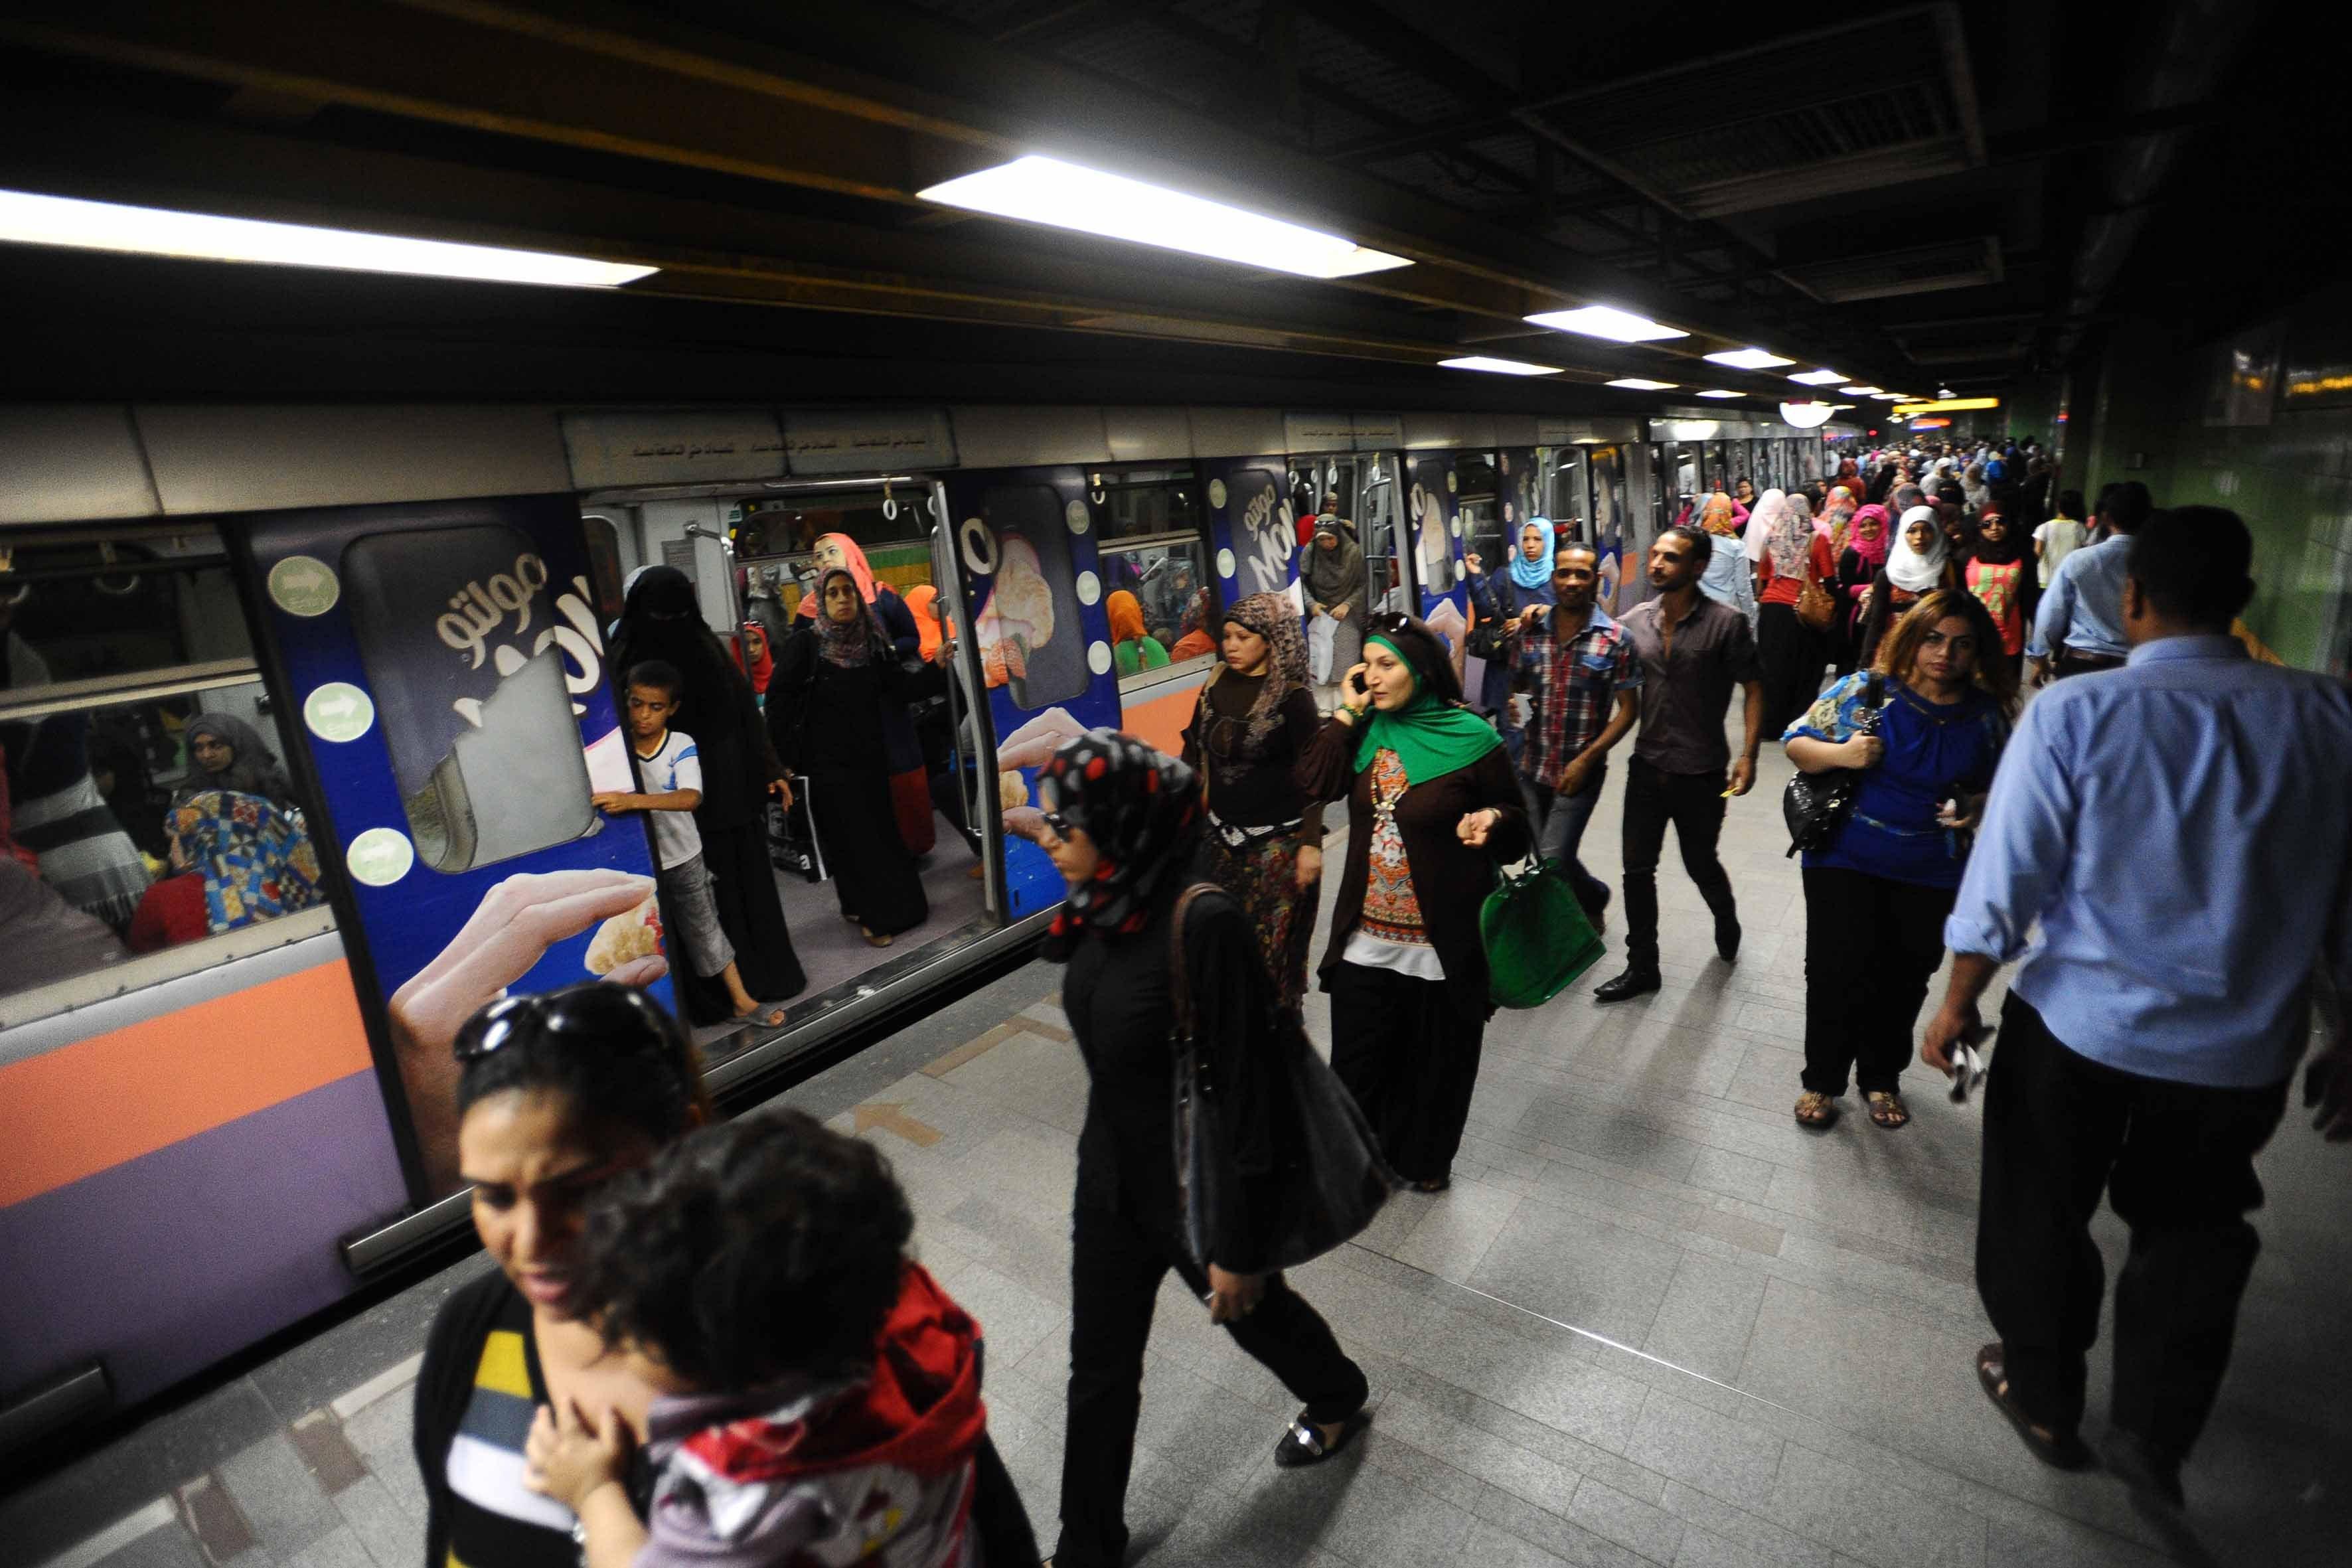 Una stazione della metro al Cairo (Foto: Ahmed Al-Malky)